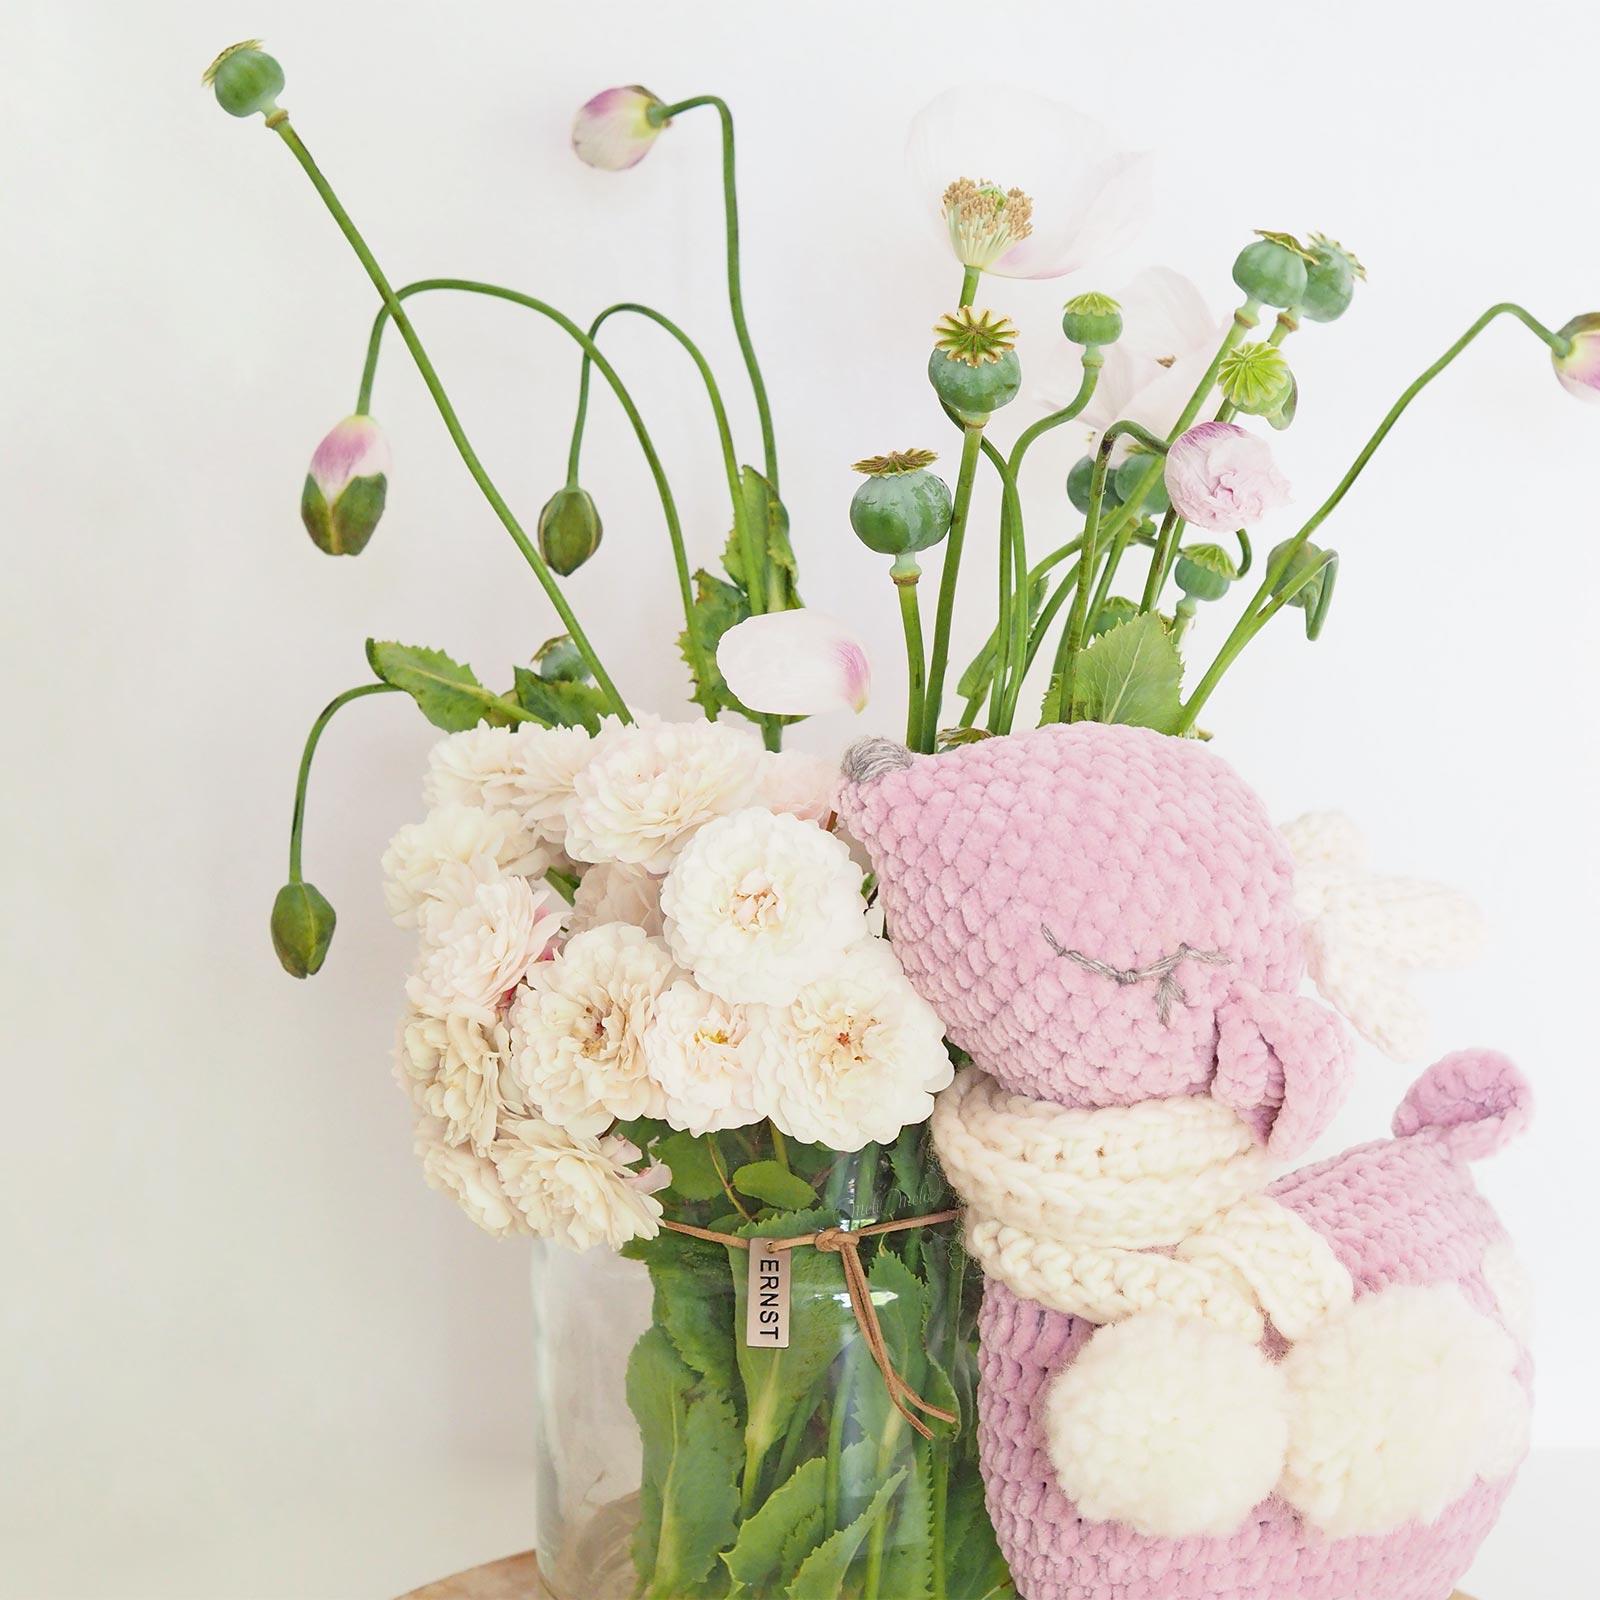 crochet doudou biche rose amigurumi deer bouquet pavots papaver laboutiquedemelimelo